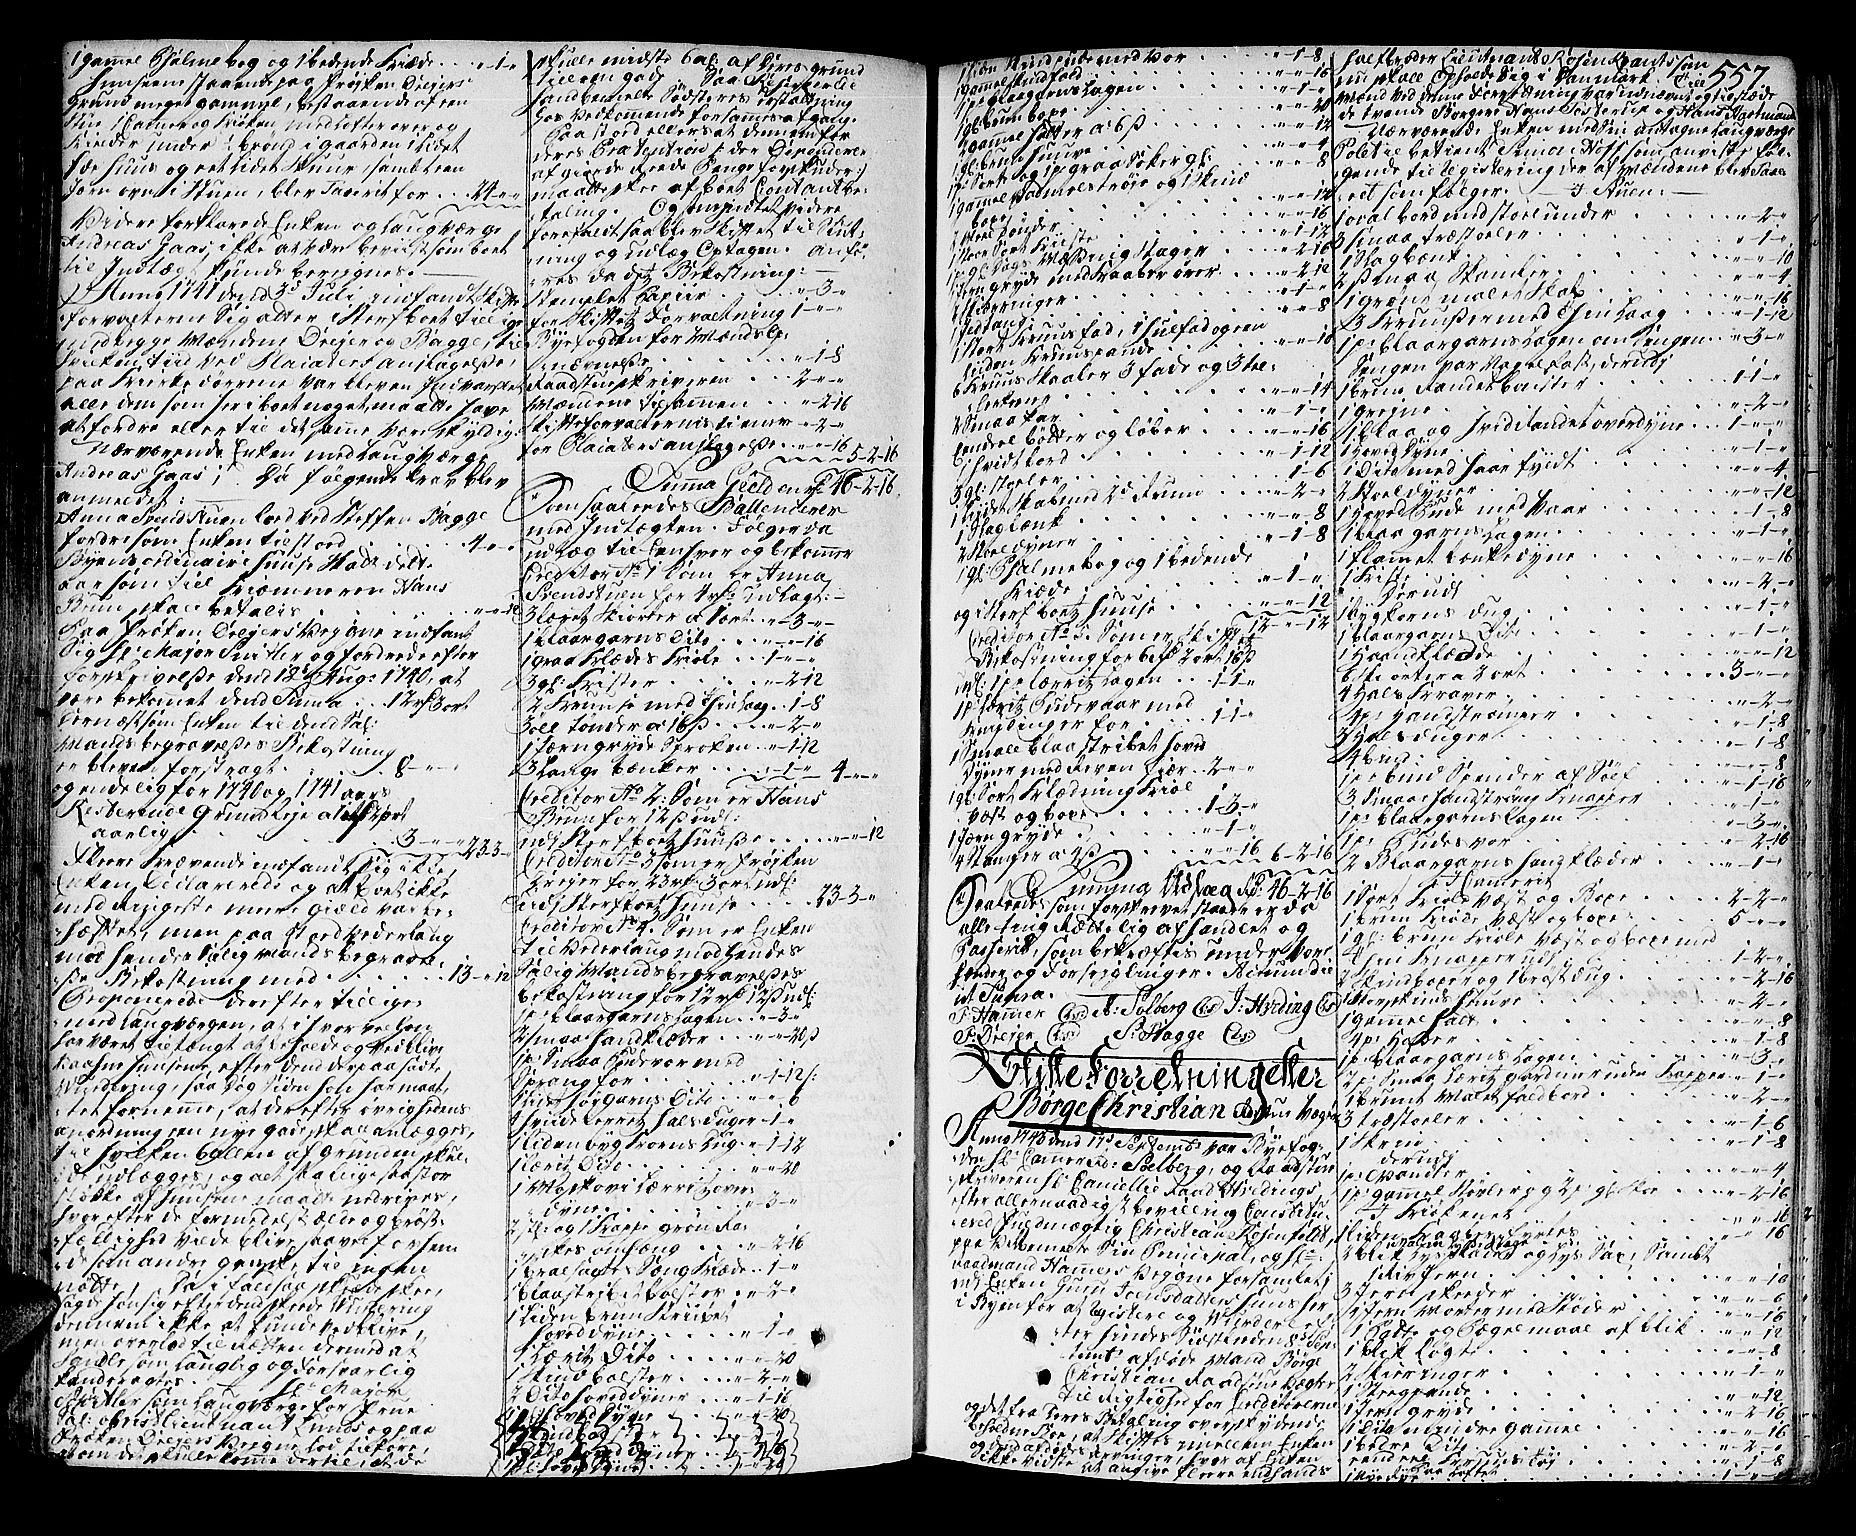 SAT, Trondheim byfogd, 3/3A/L0015: Skifteprotokoll - gml.nr.13b. (m/ register), 1739-1747, p. 556b-557a